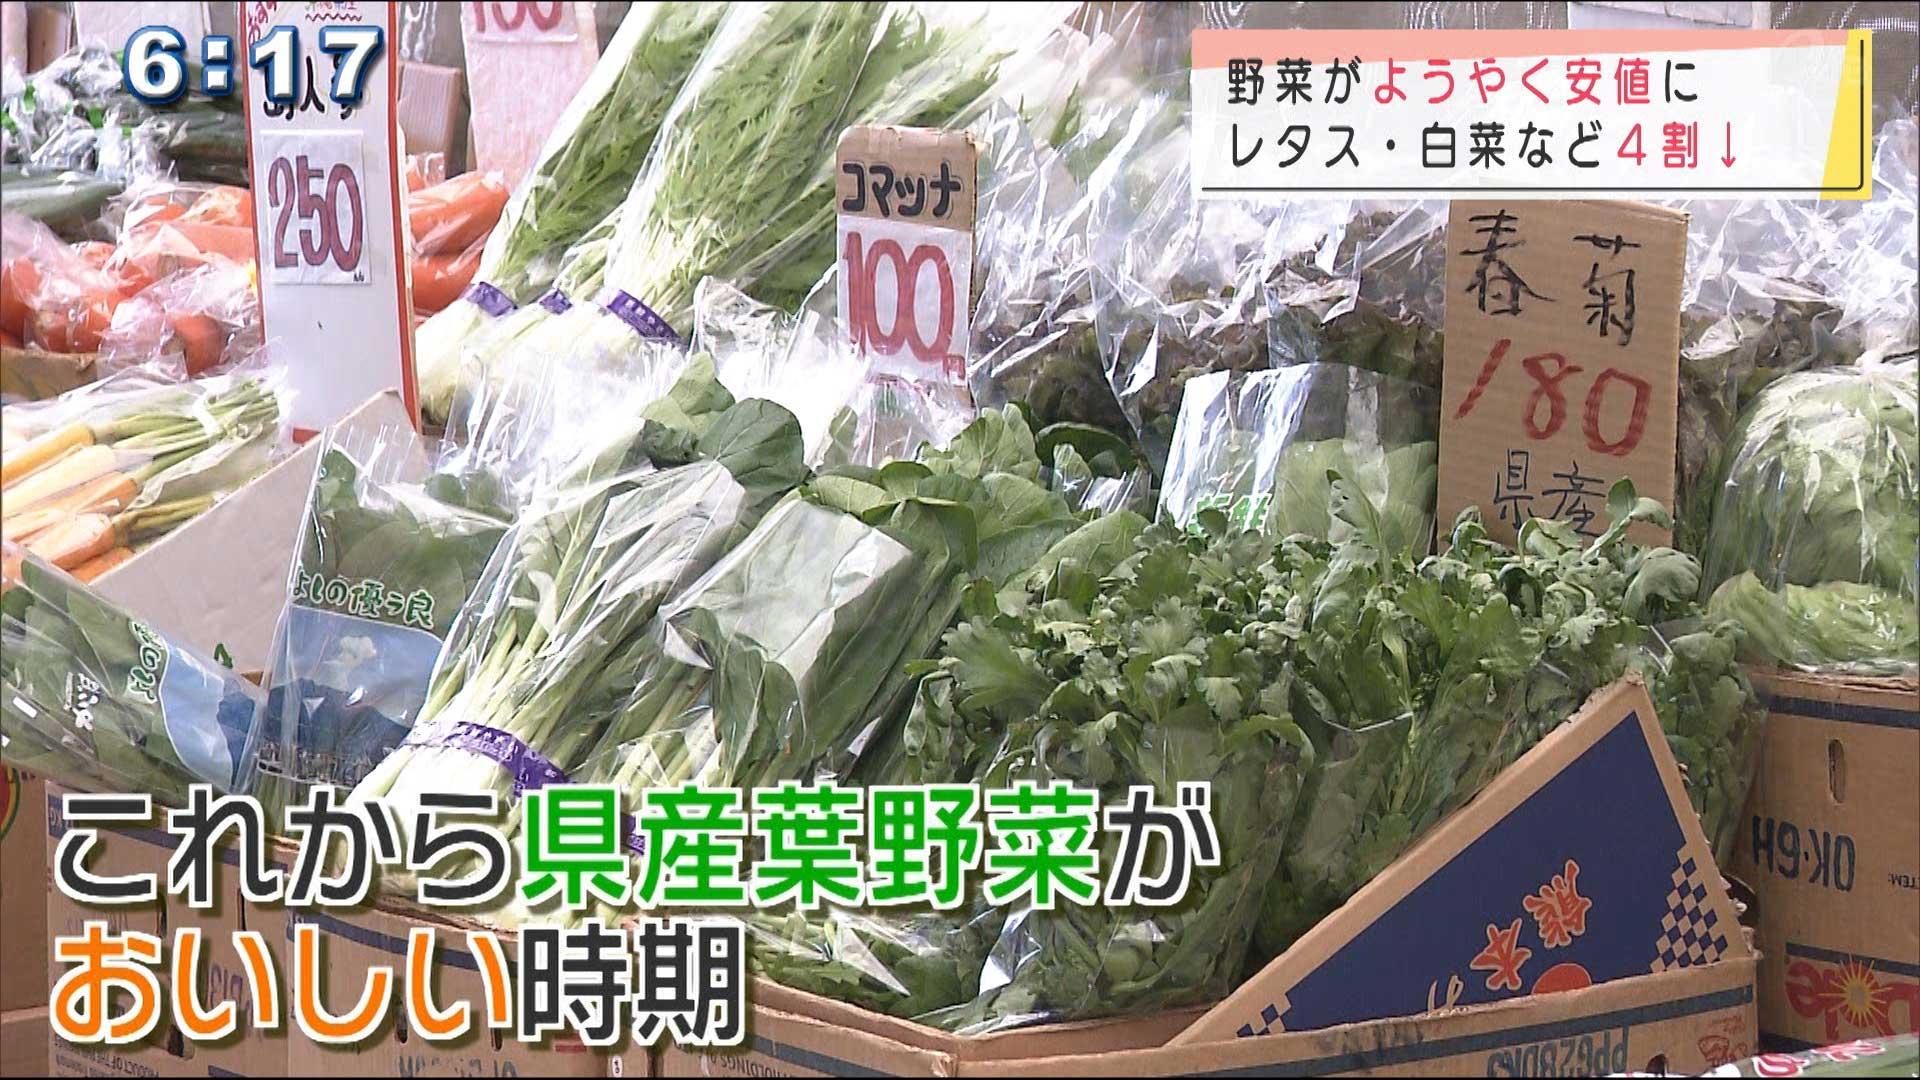 野菜の高値にようやく落ち着き